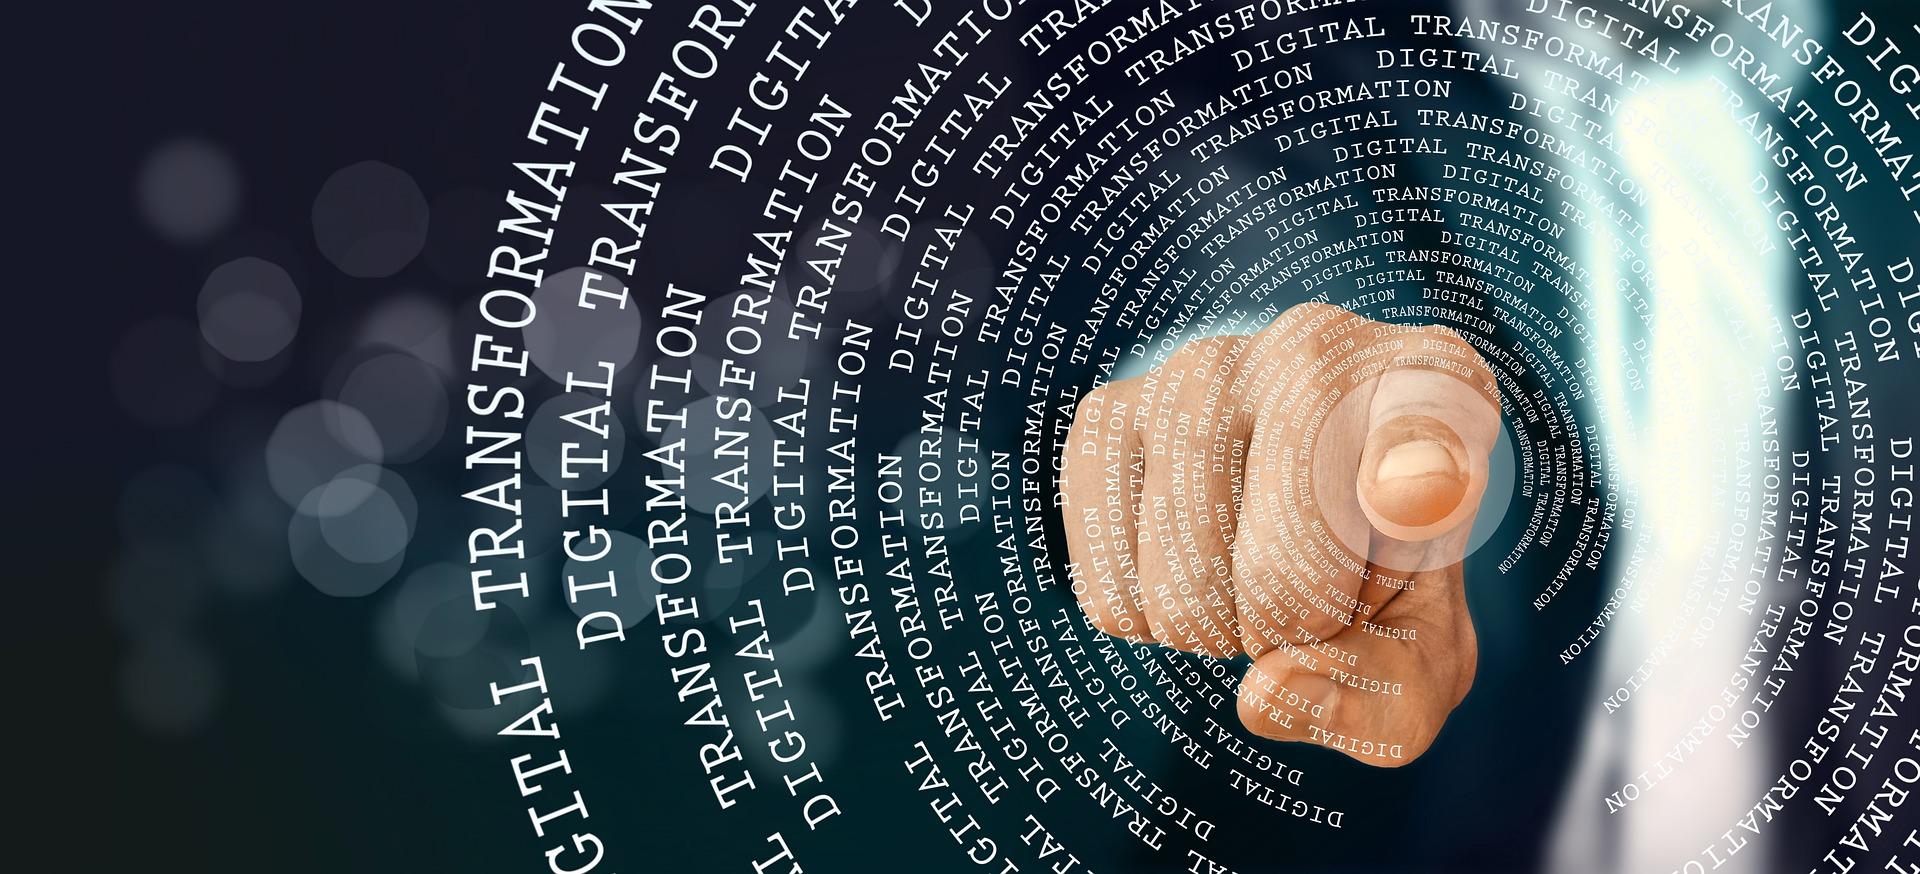 Siete pasos para la transformación digital